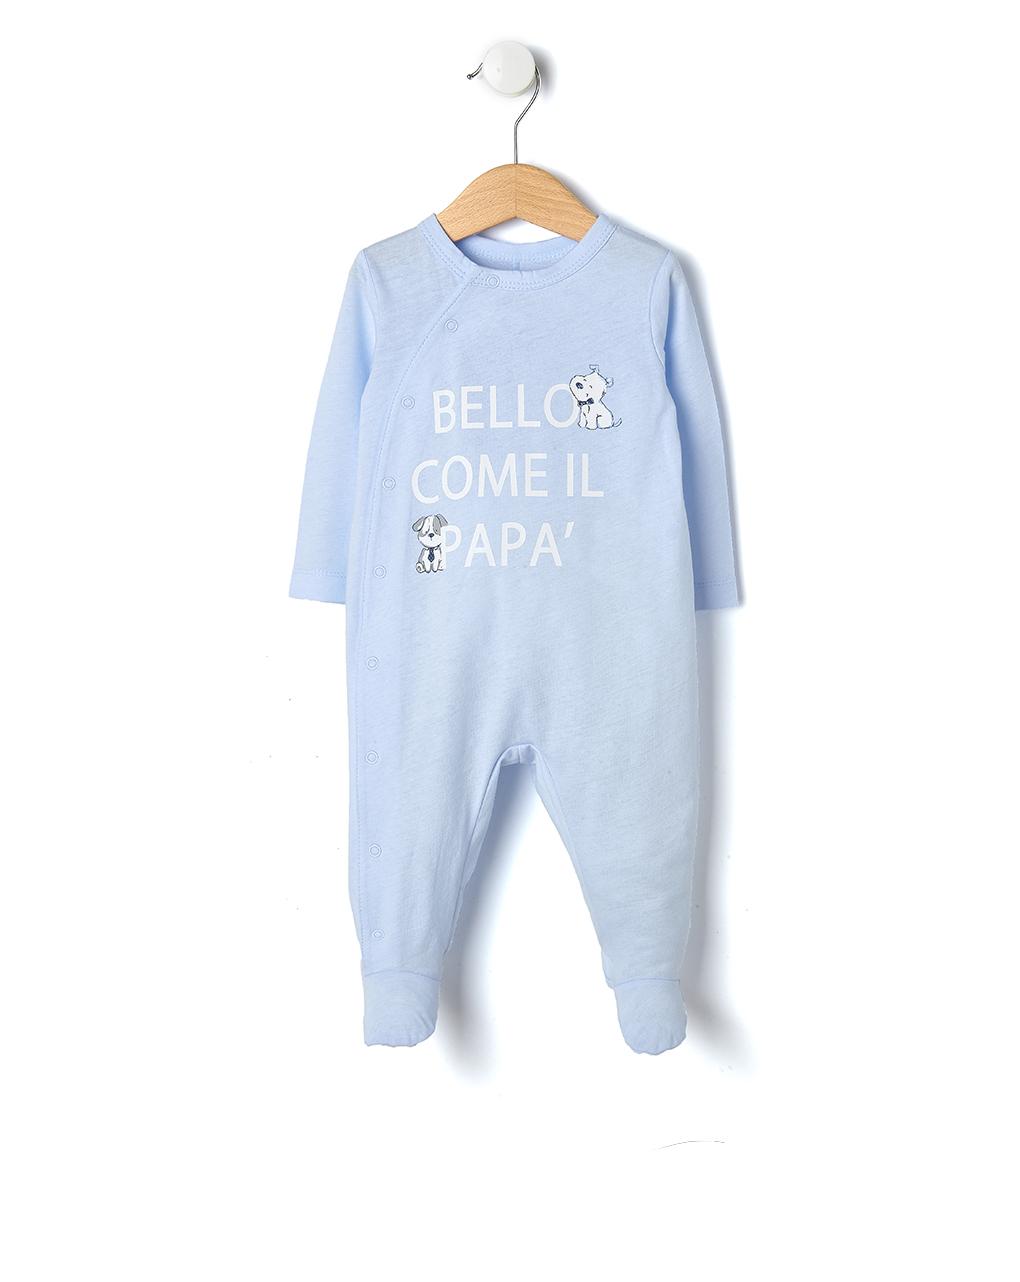 4787cb4571cf Tutina azzurro chiaro con cagnolini Bello come il papà - NEONATO 0 ...